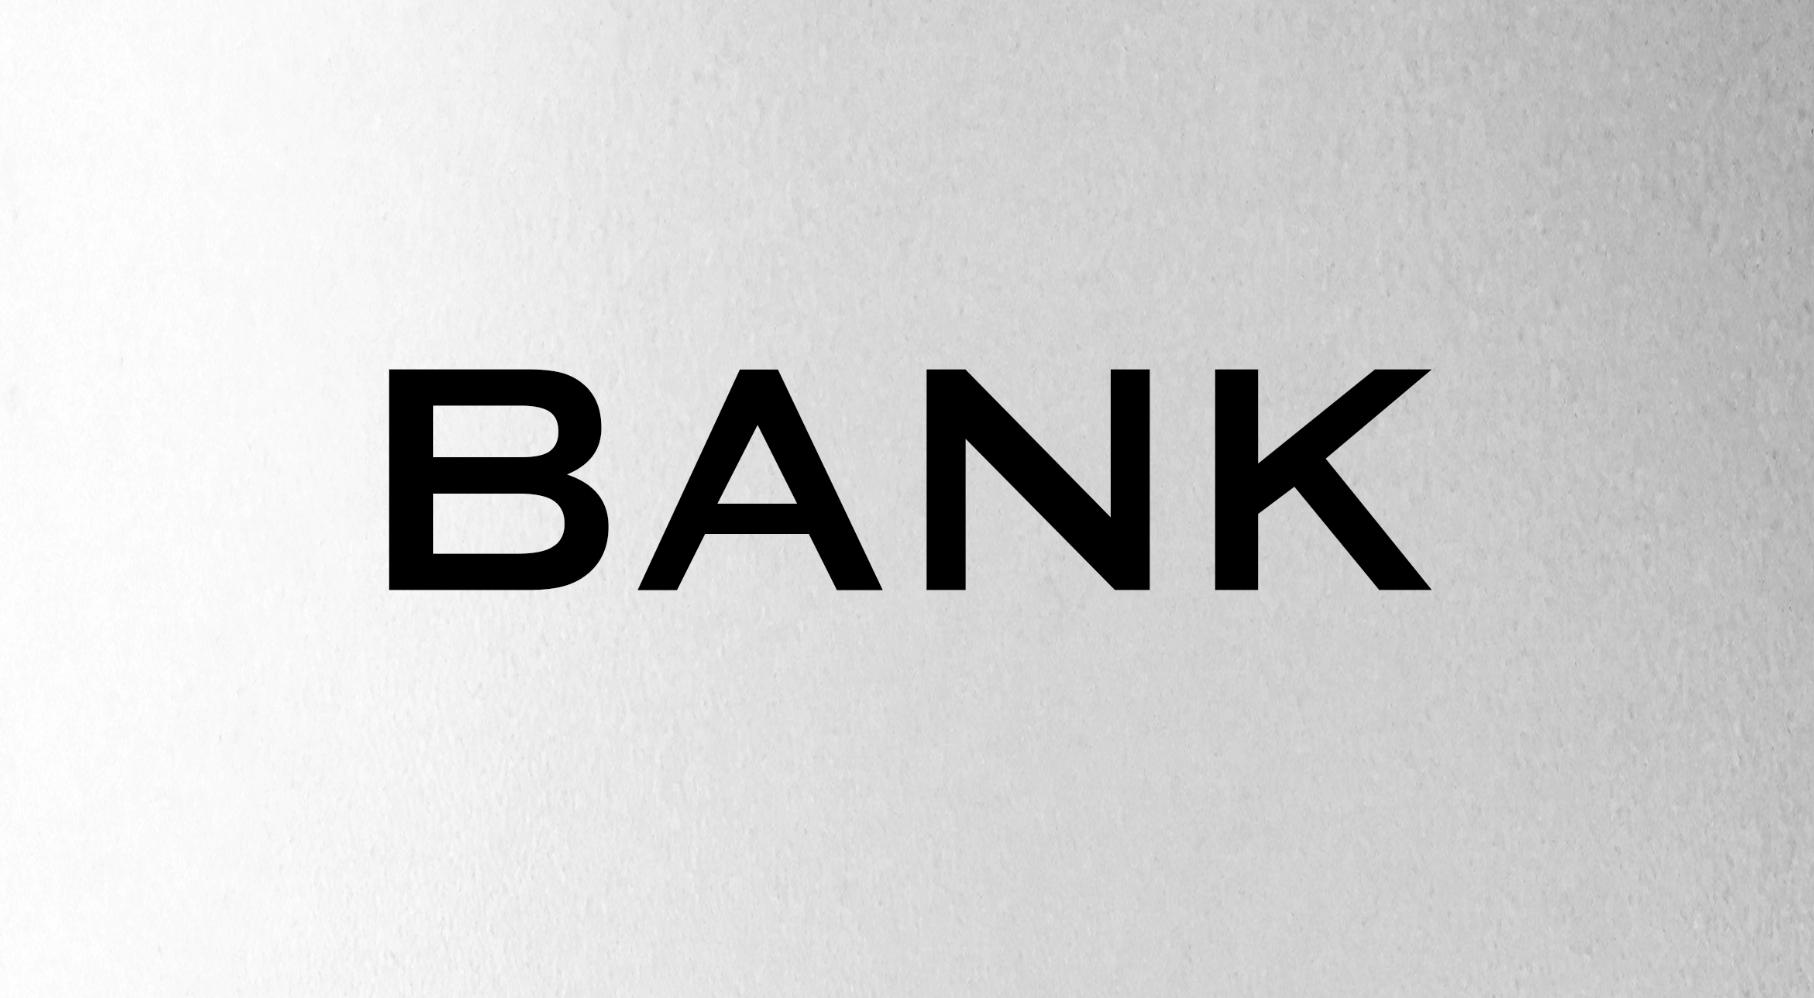 Bank Door wrap, Rm wraps